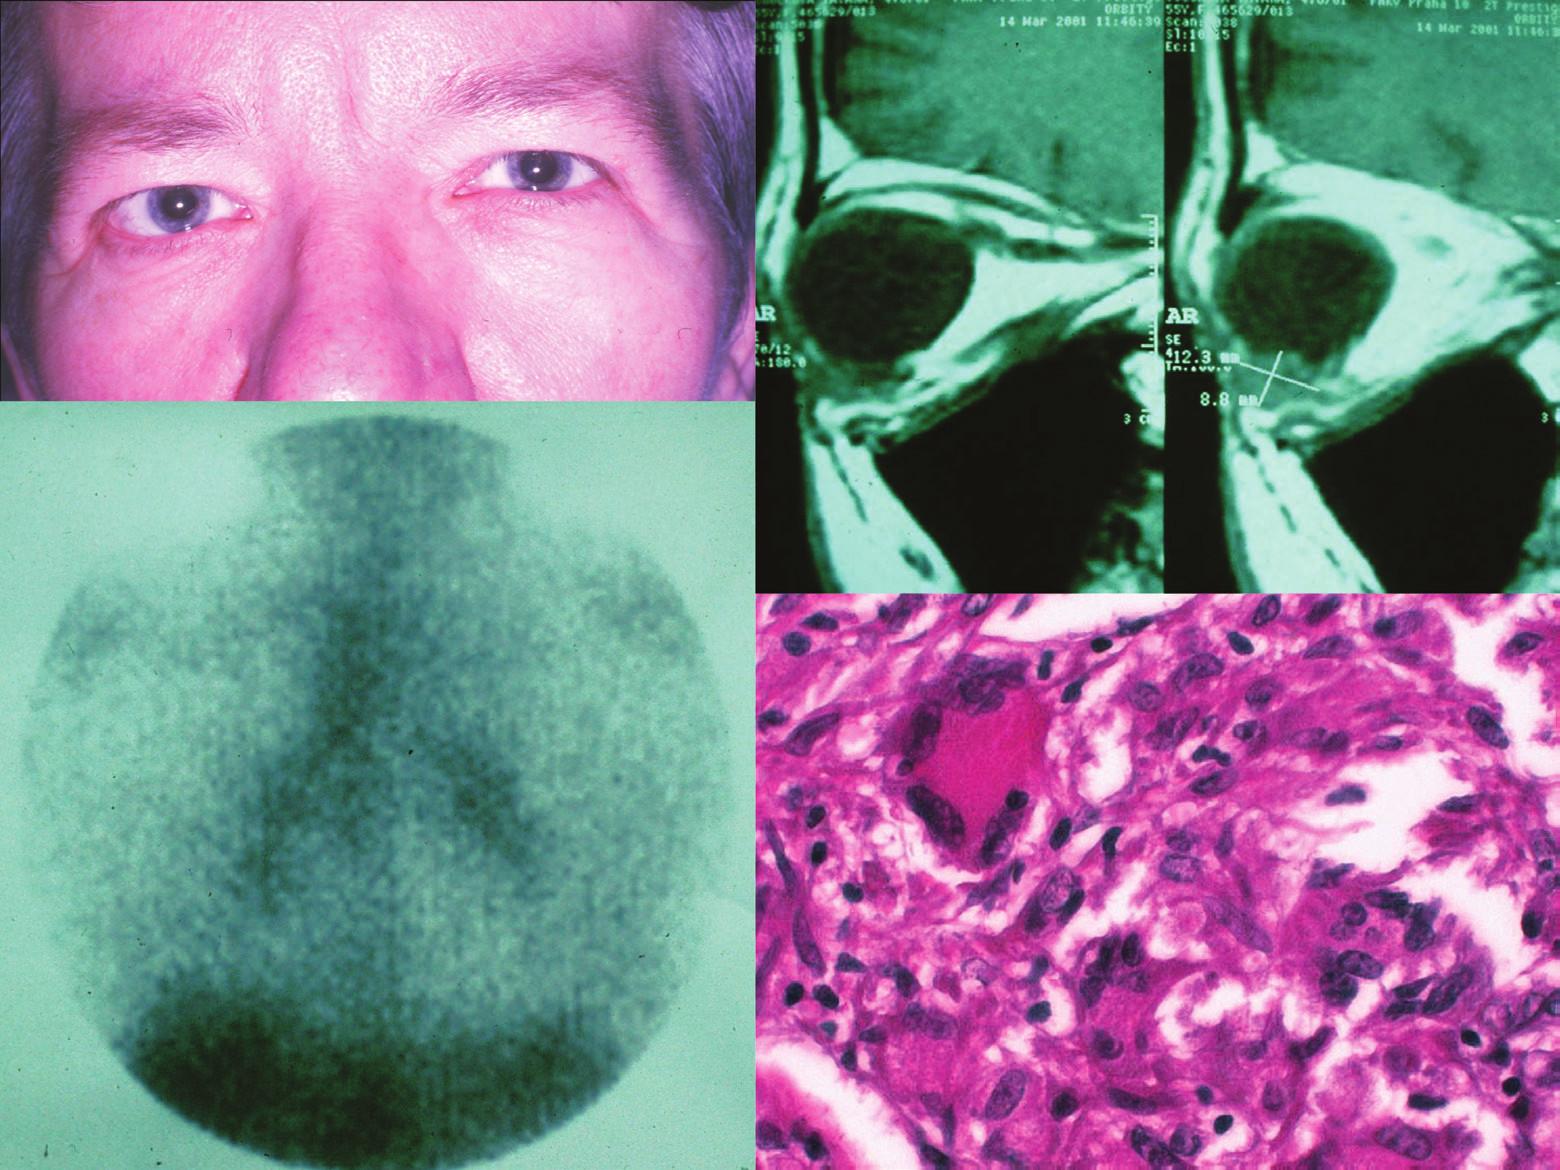 Klinický obraz orbitálního postižení vpravo (a), nález orbitálního tumoru na MR (b), obraz galliového scanu (c) a histologická verifikace orbitální biopsie (d) u pacientky s orbitálním zánětlivým syndromem a intrathorakálním projevem sarkoidózy